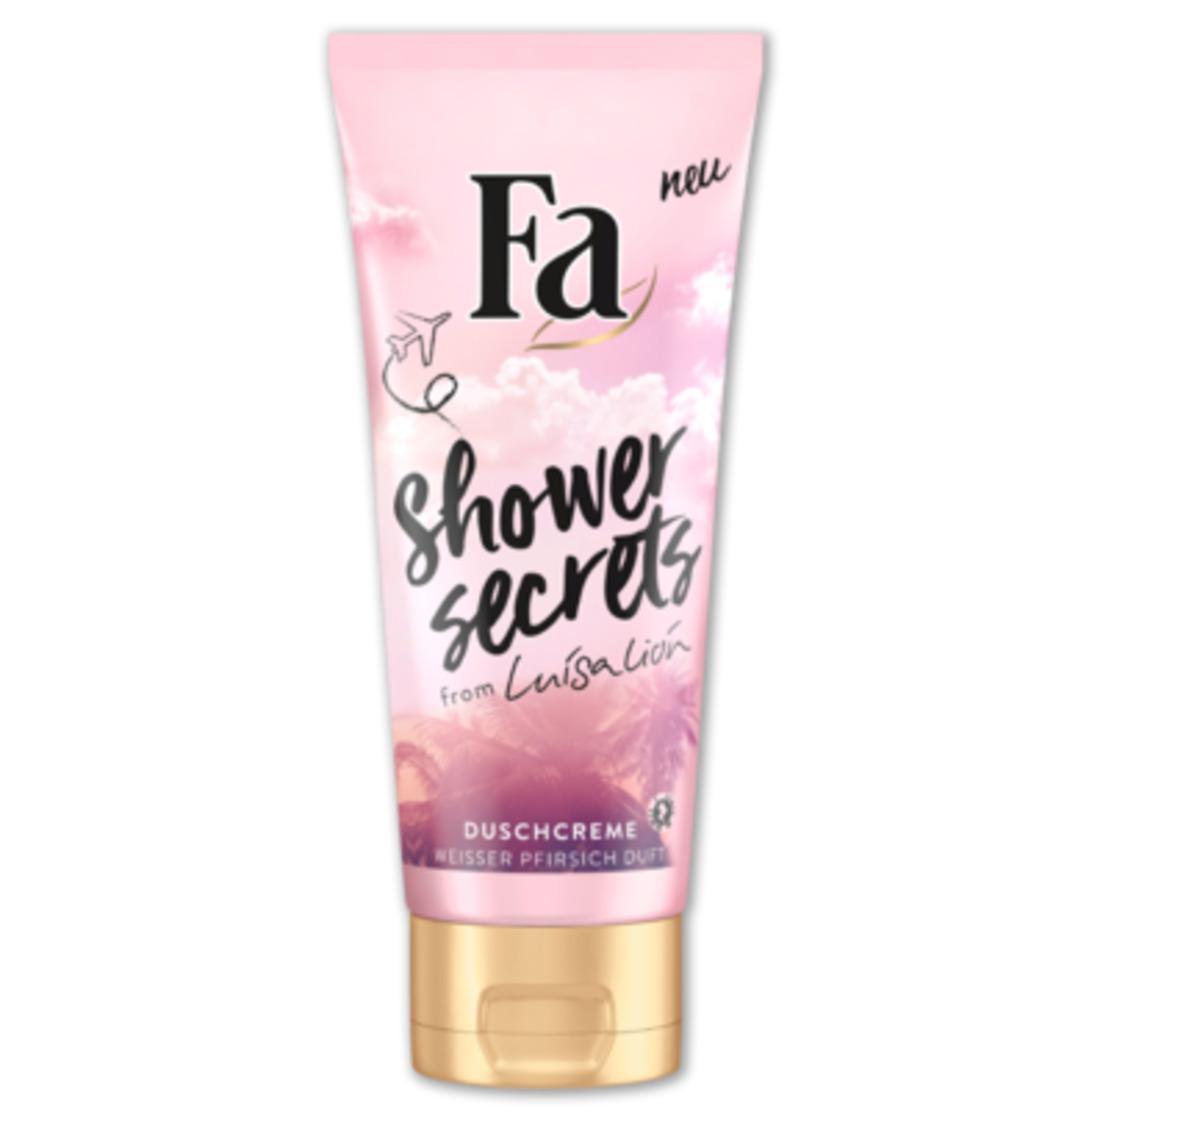 Bild 2 von FA Duschcreme Shower Secrets